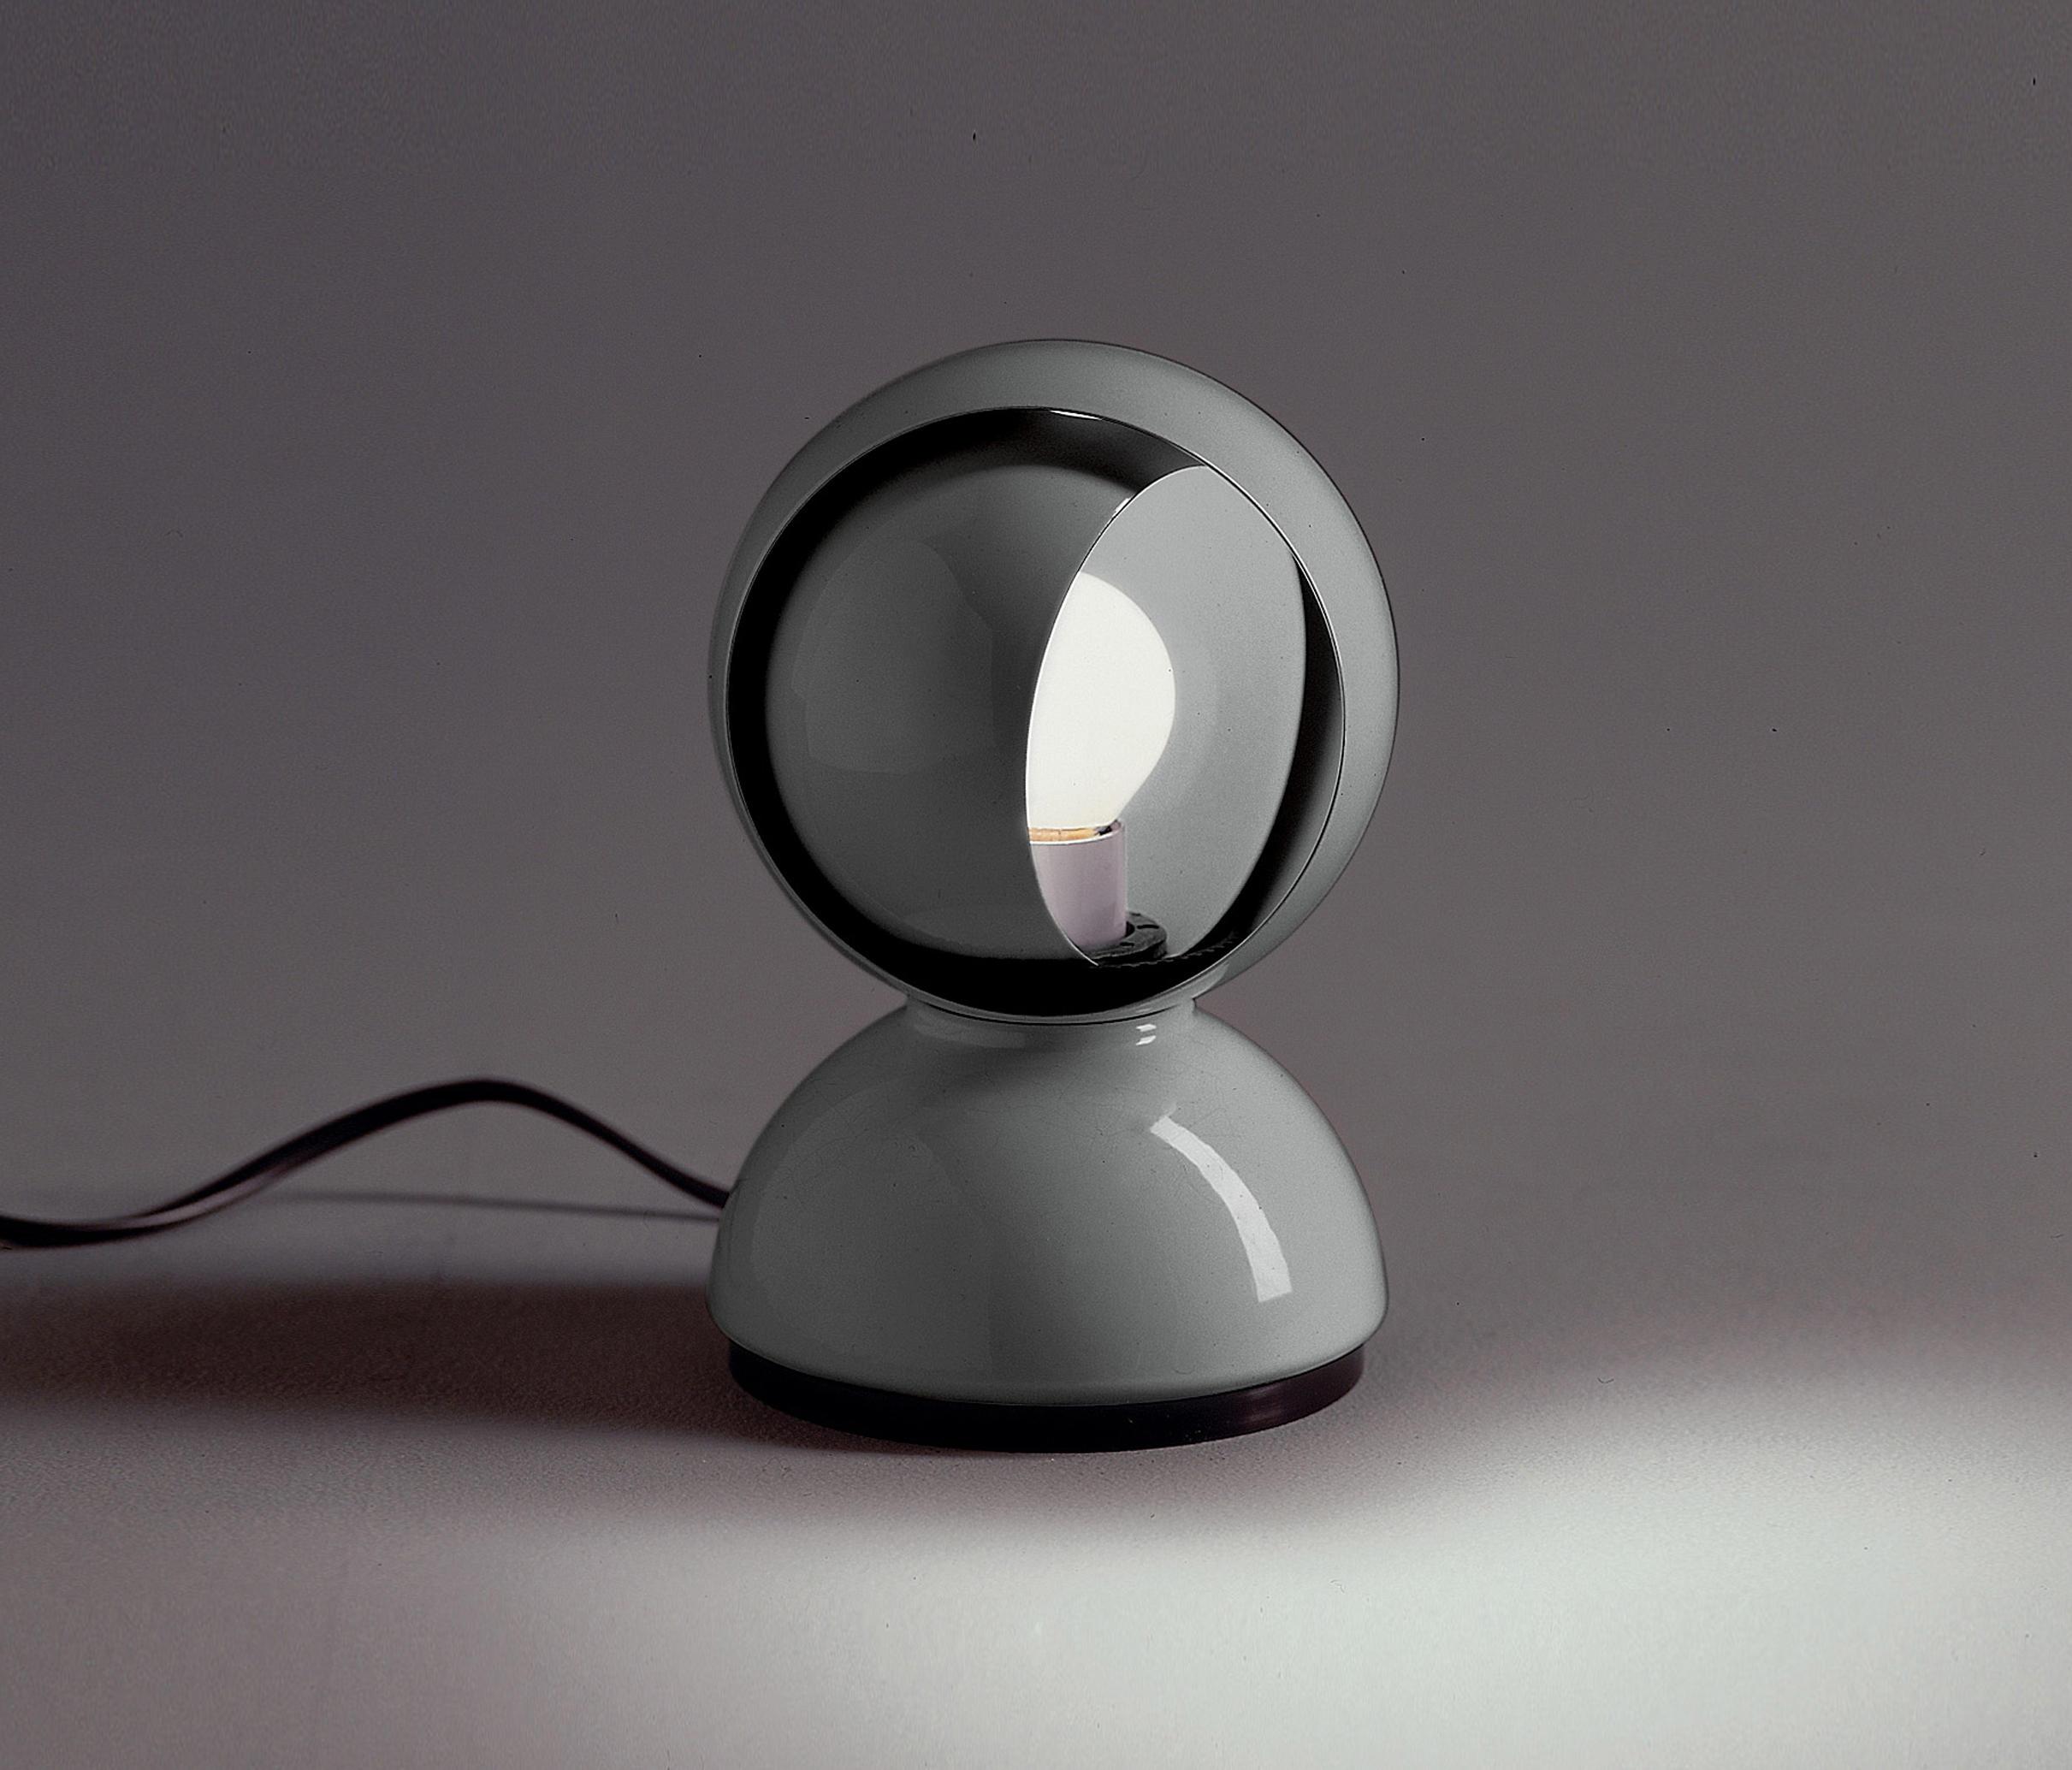 Eclisse lampade da tavolo lampade tavolo artemide - Artemide lampade tavolo ...